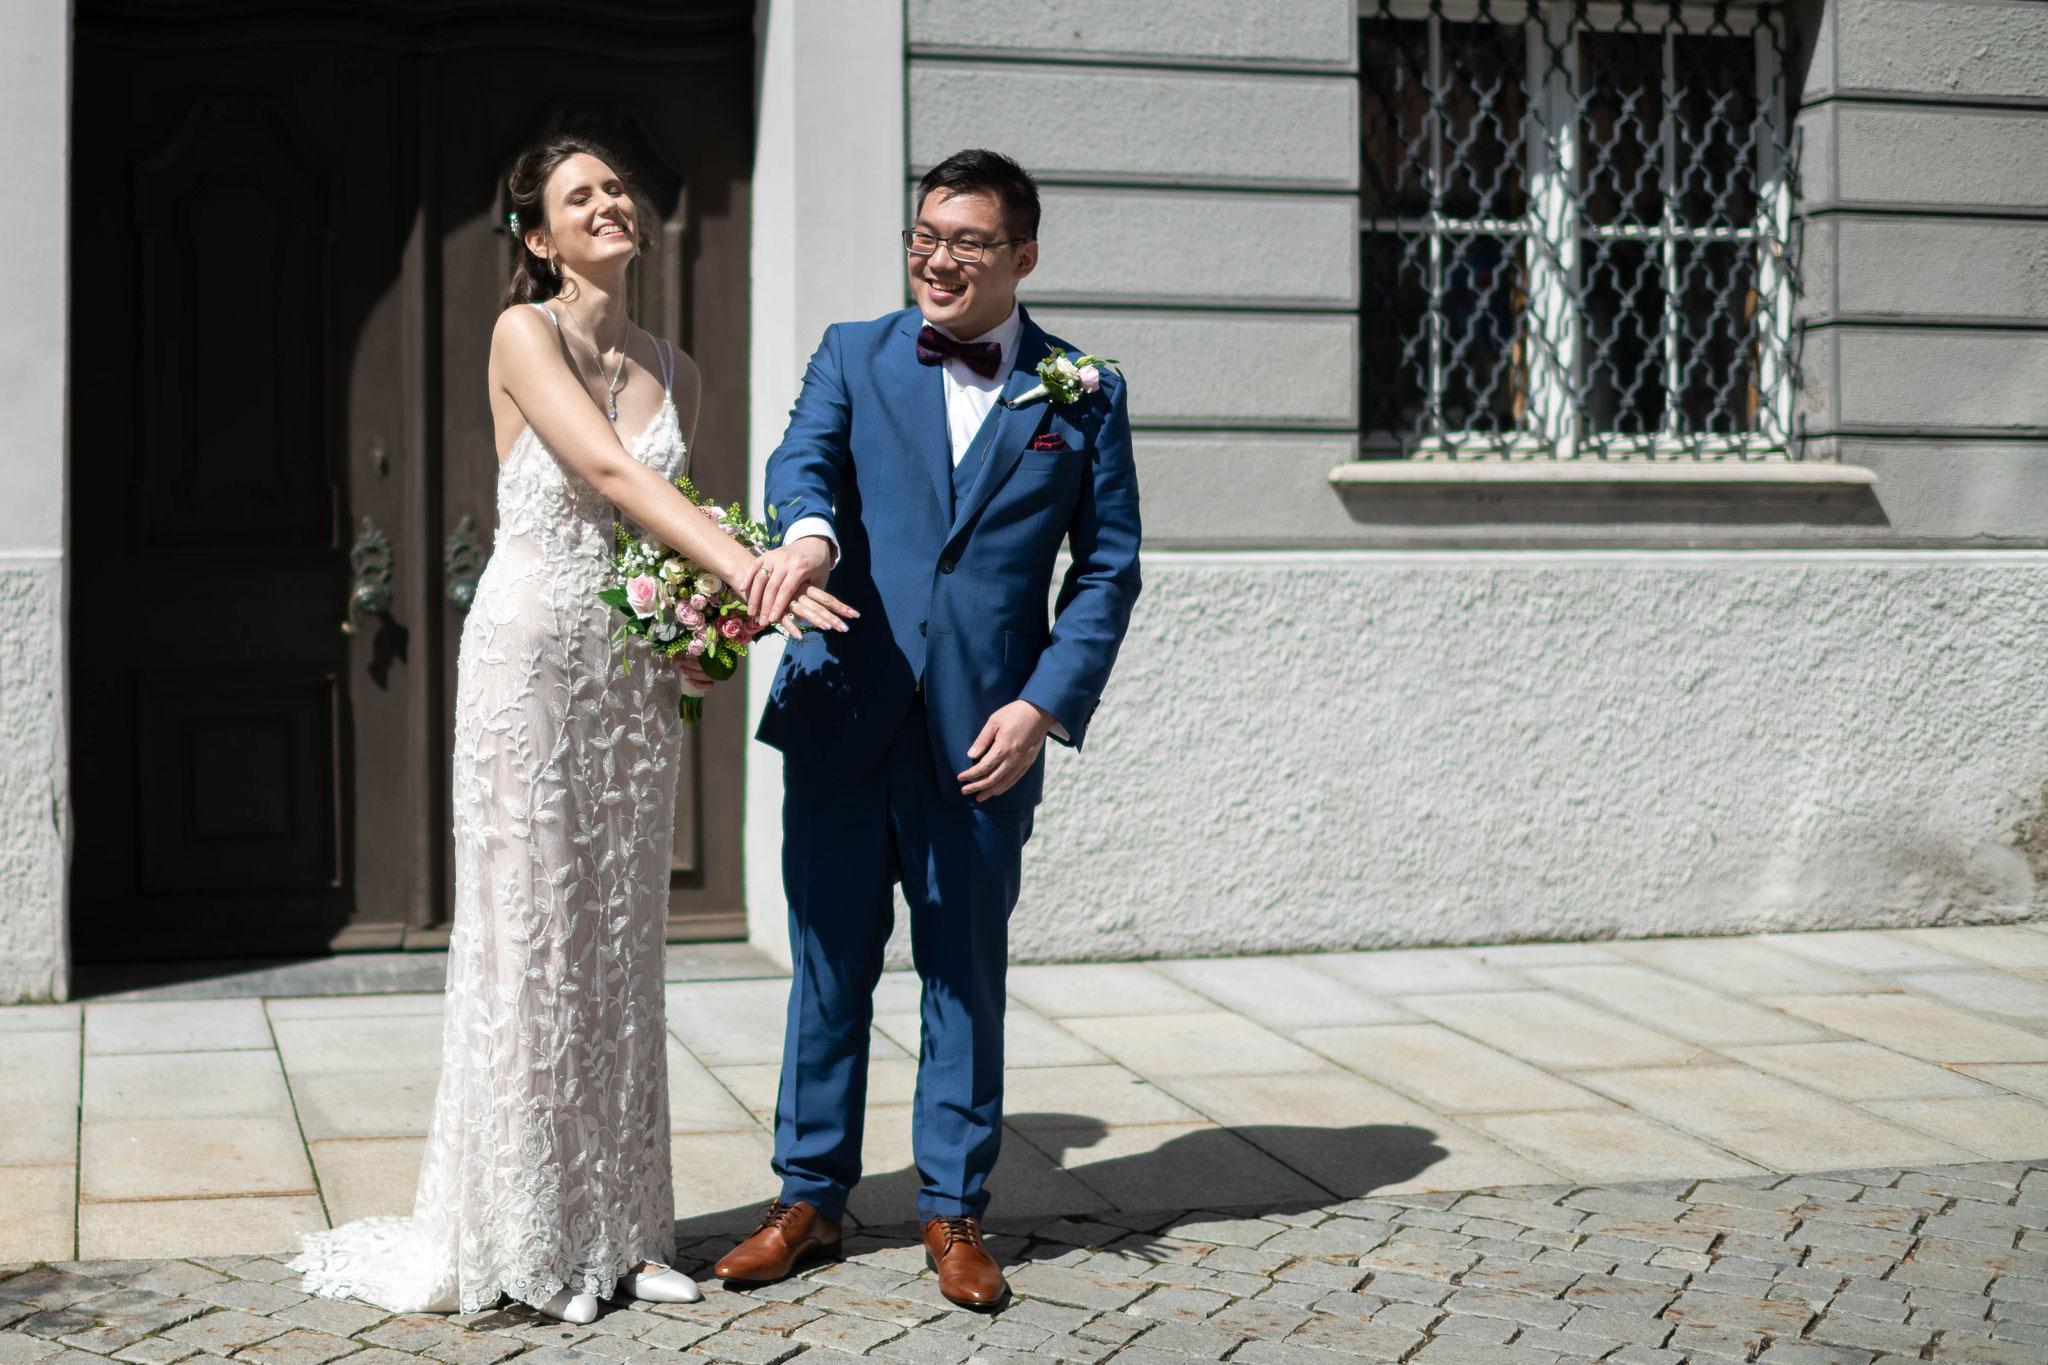 Professioneller Hochzeitsfotograf und Filmemacher für meine Hochzeit in Memmingen und Bayern